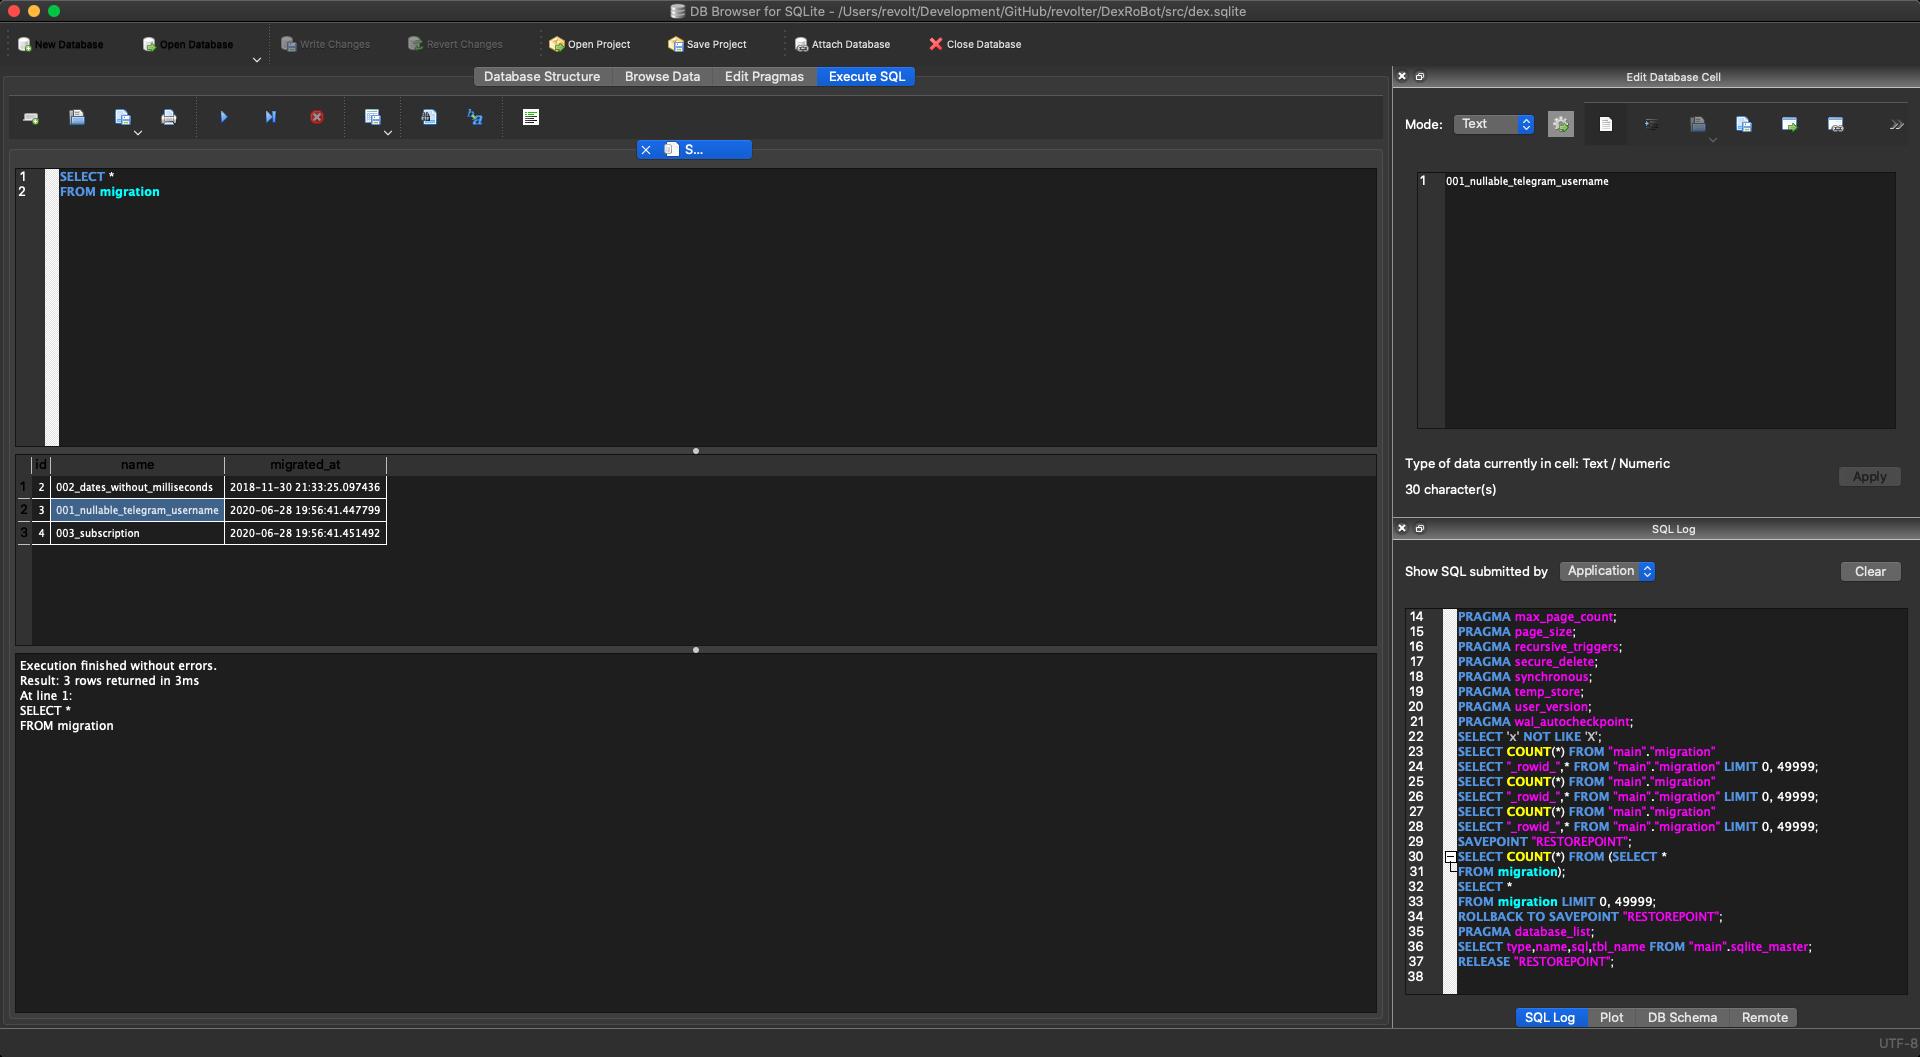 Screenshot 2020-07-01 at 12 49 32